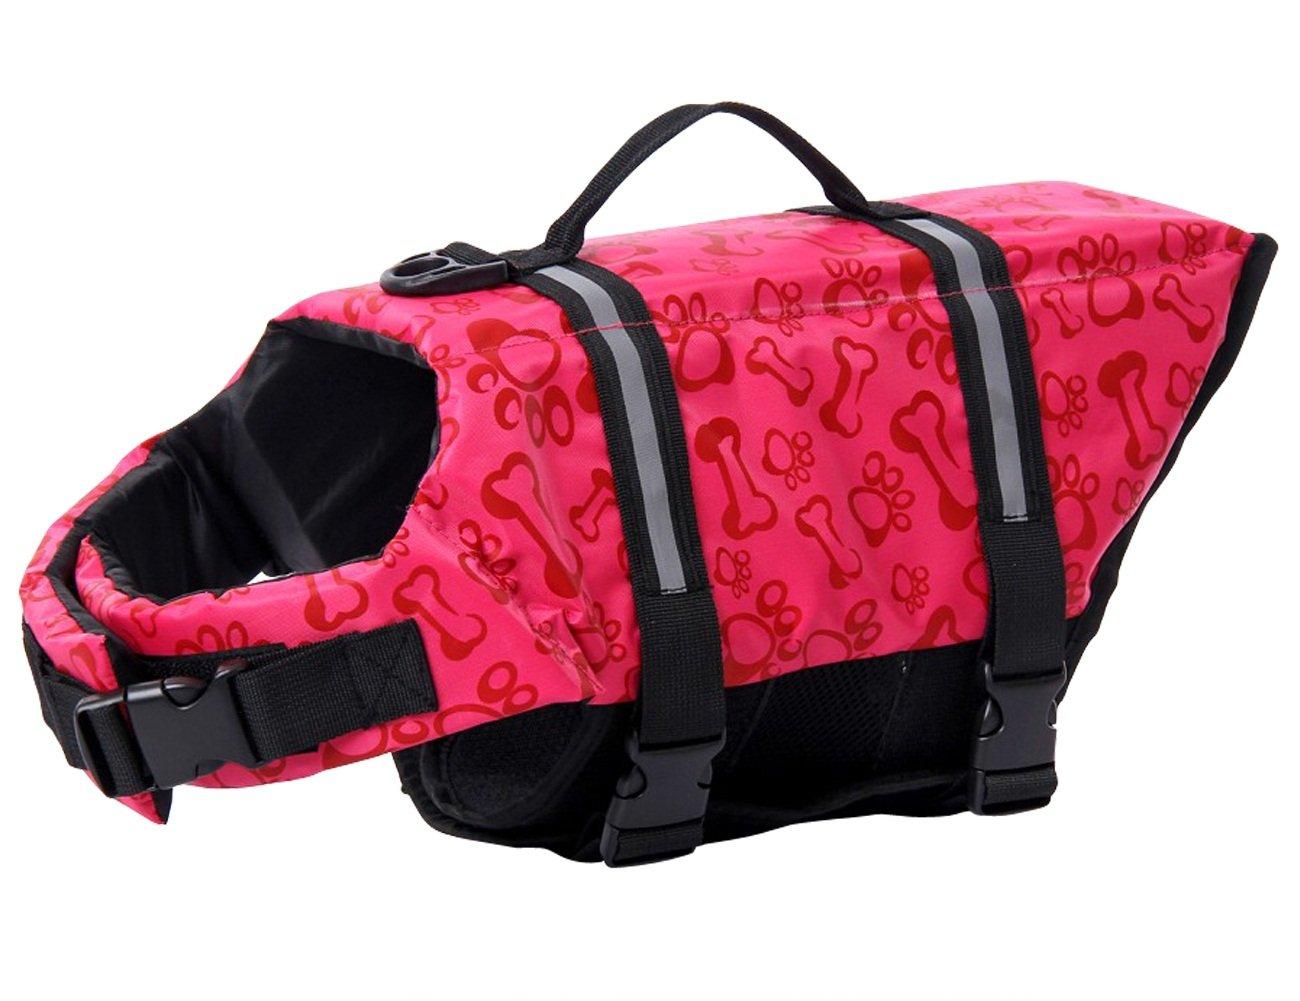 Dog Life Jacket Vest,Float Coat for Dogs,Quick Release Easy-Fit Adjustable Dog Lifejackets,Dog Safety Life Coat,Reflective Vest Pet Life Preserver